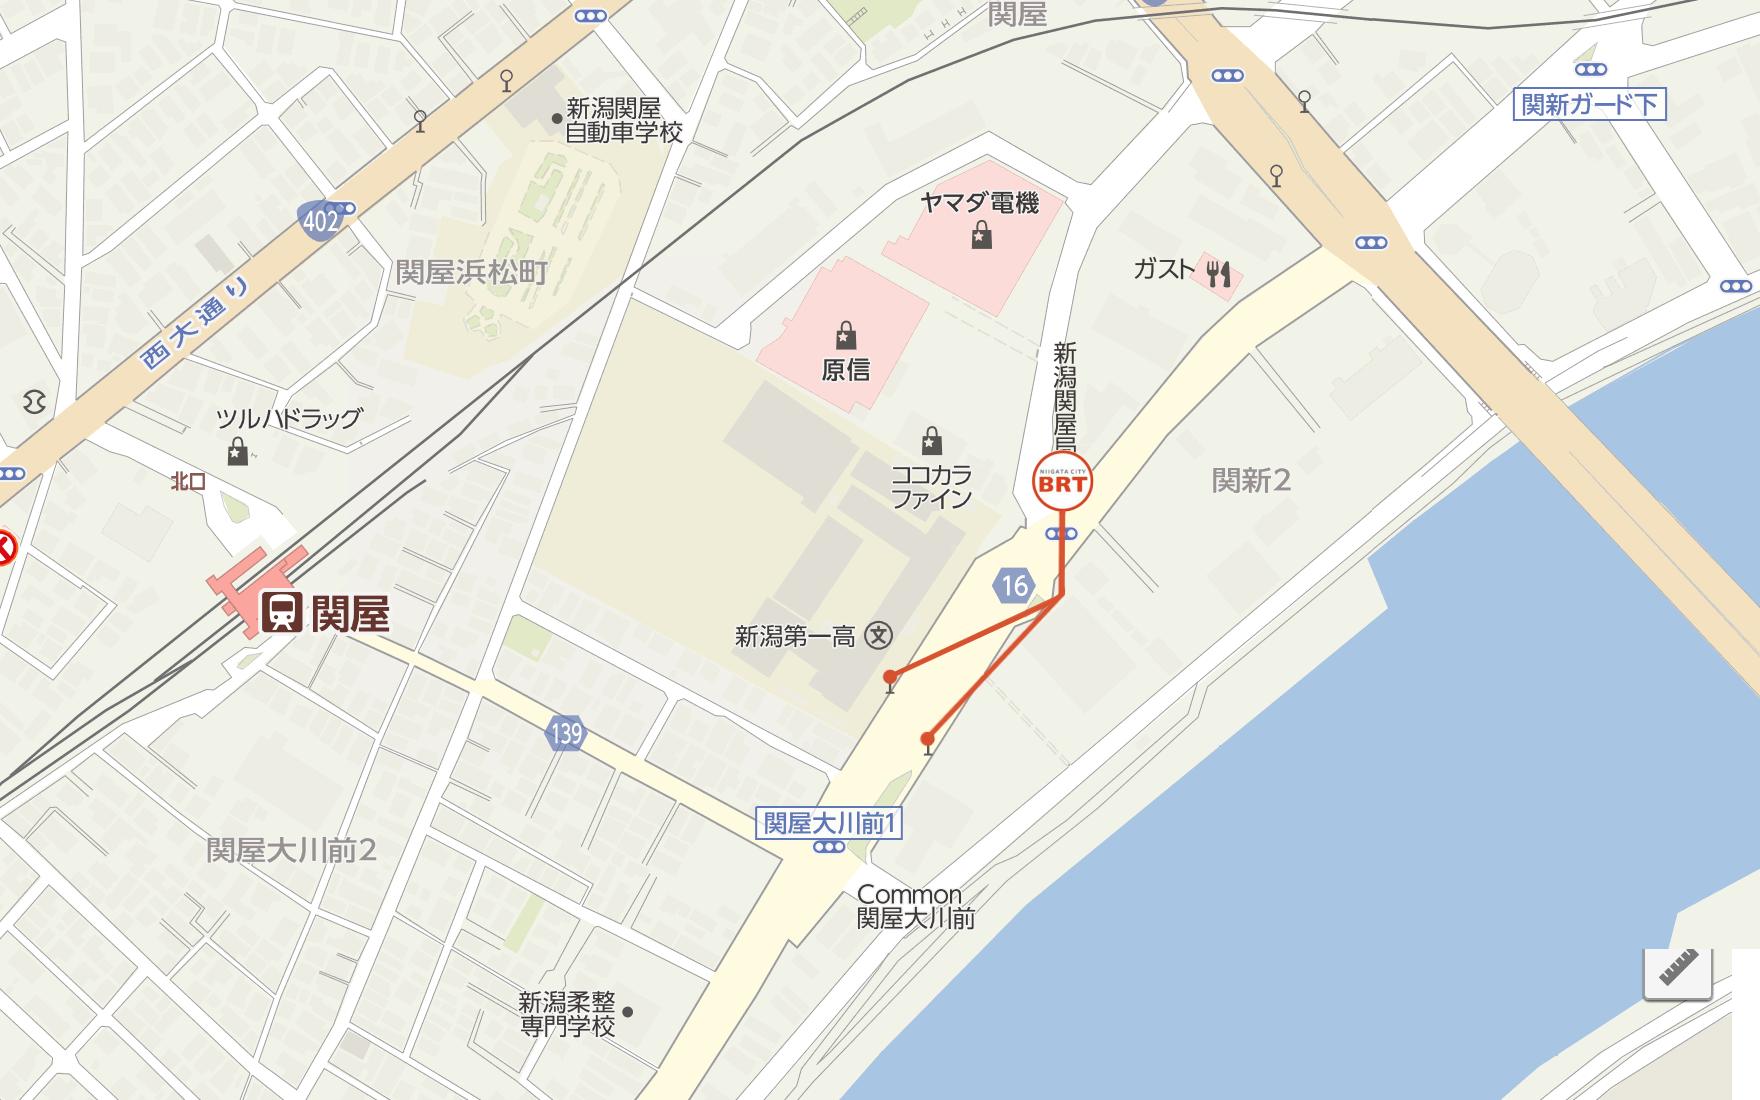 daiichikokomae.png